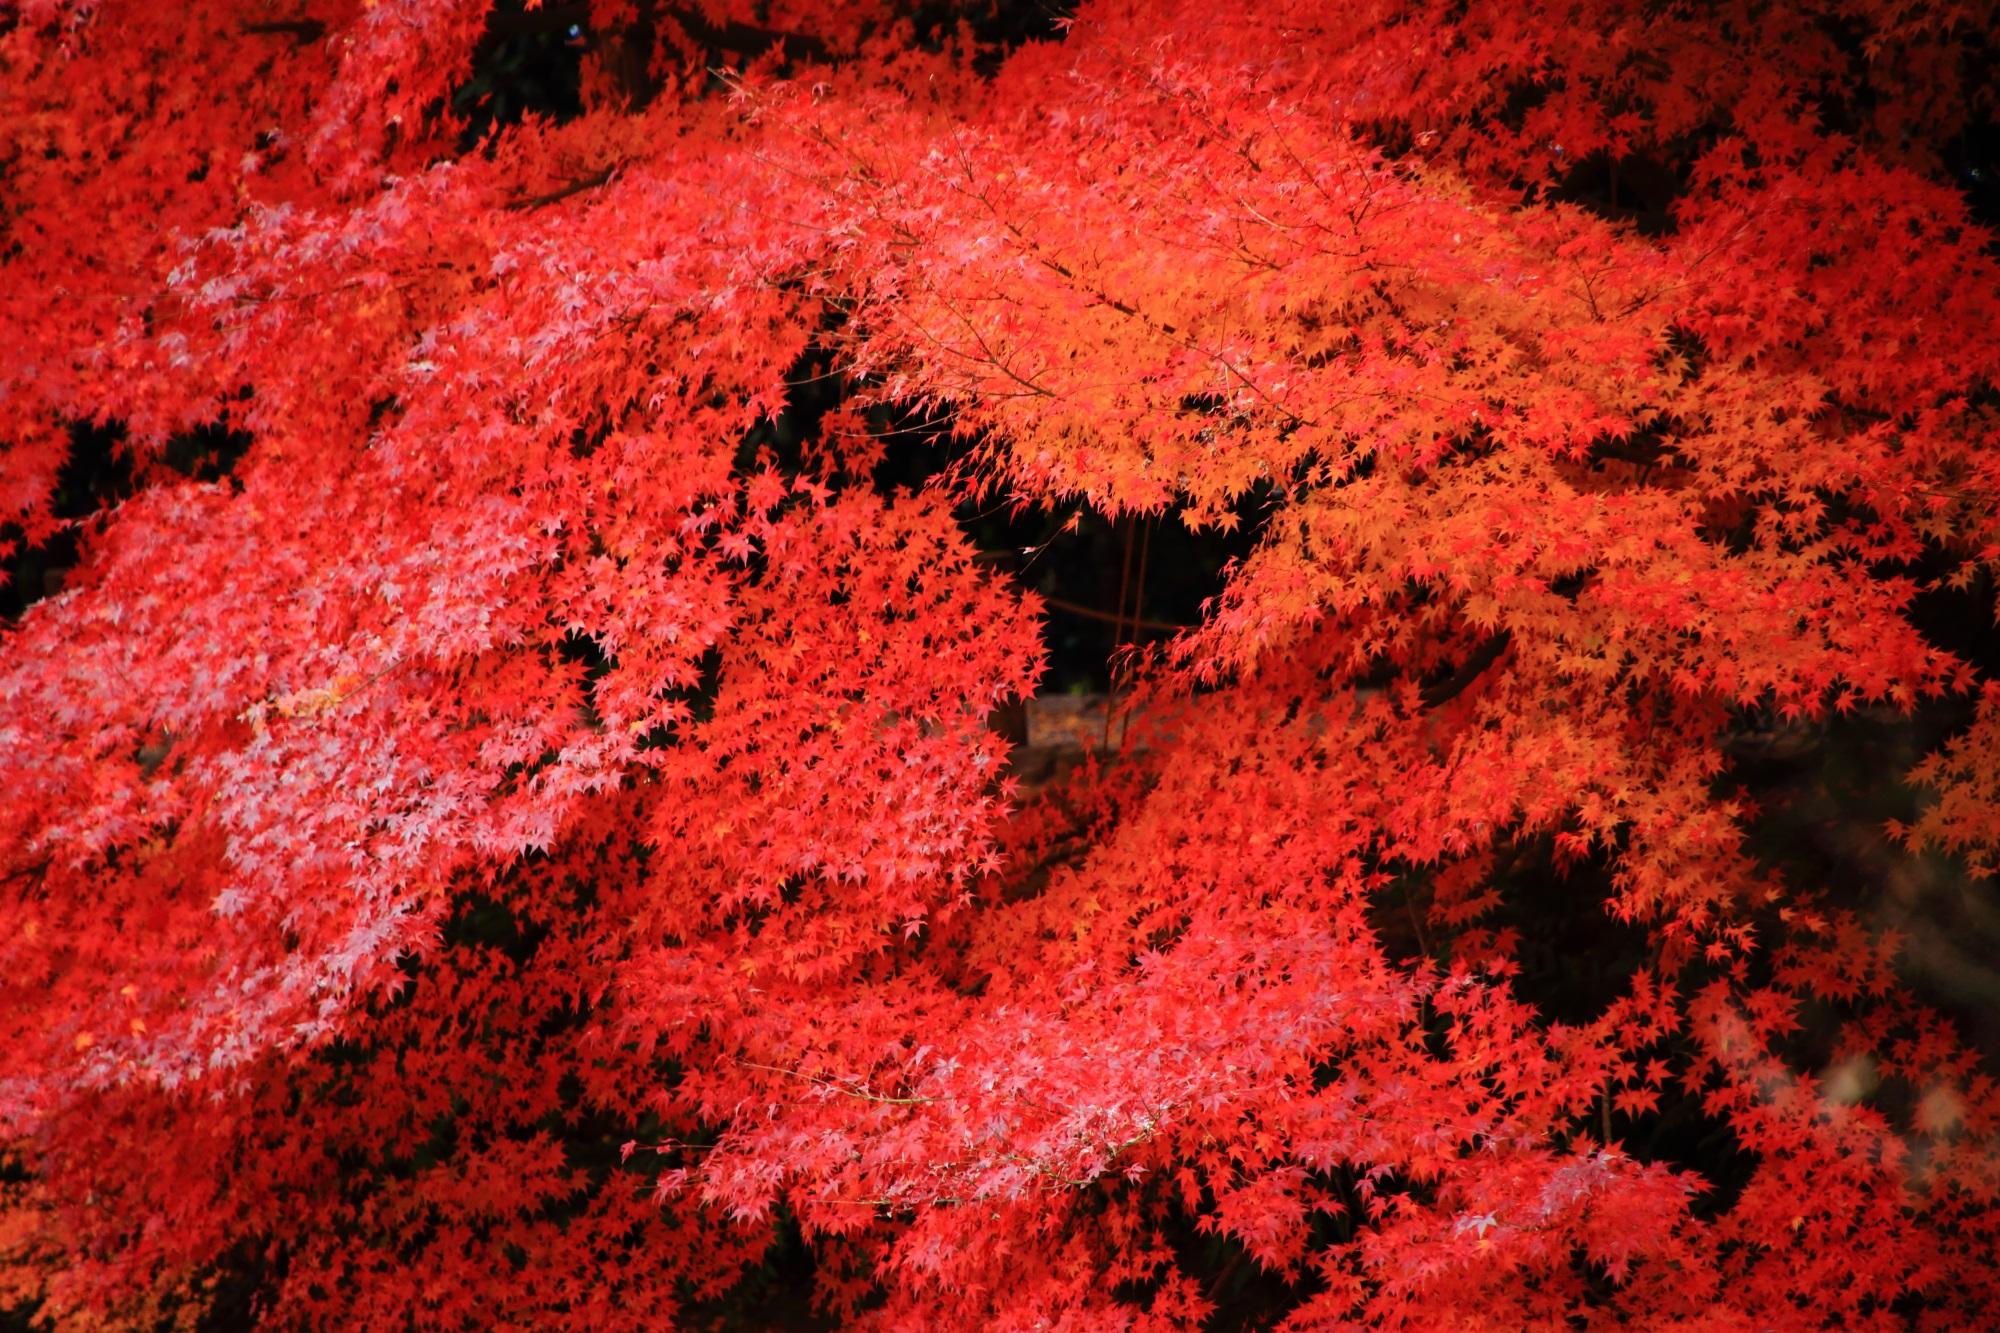 紅葉の名所の龍安寺(りょうあんじ)の情熱的な色づきの紅葉